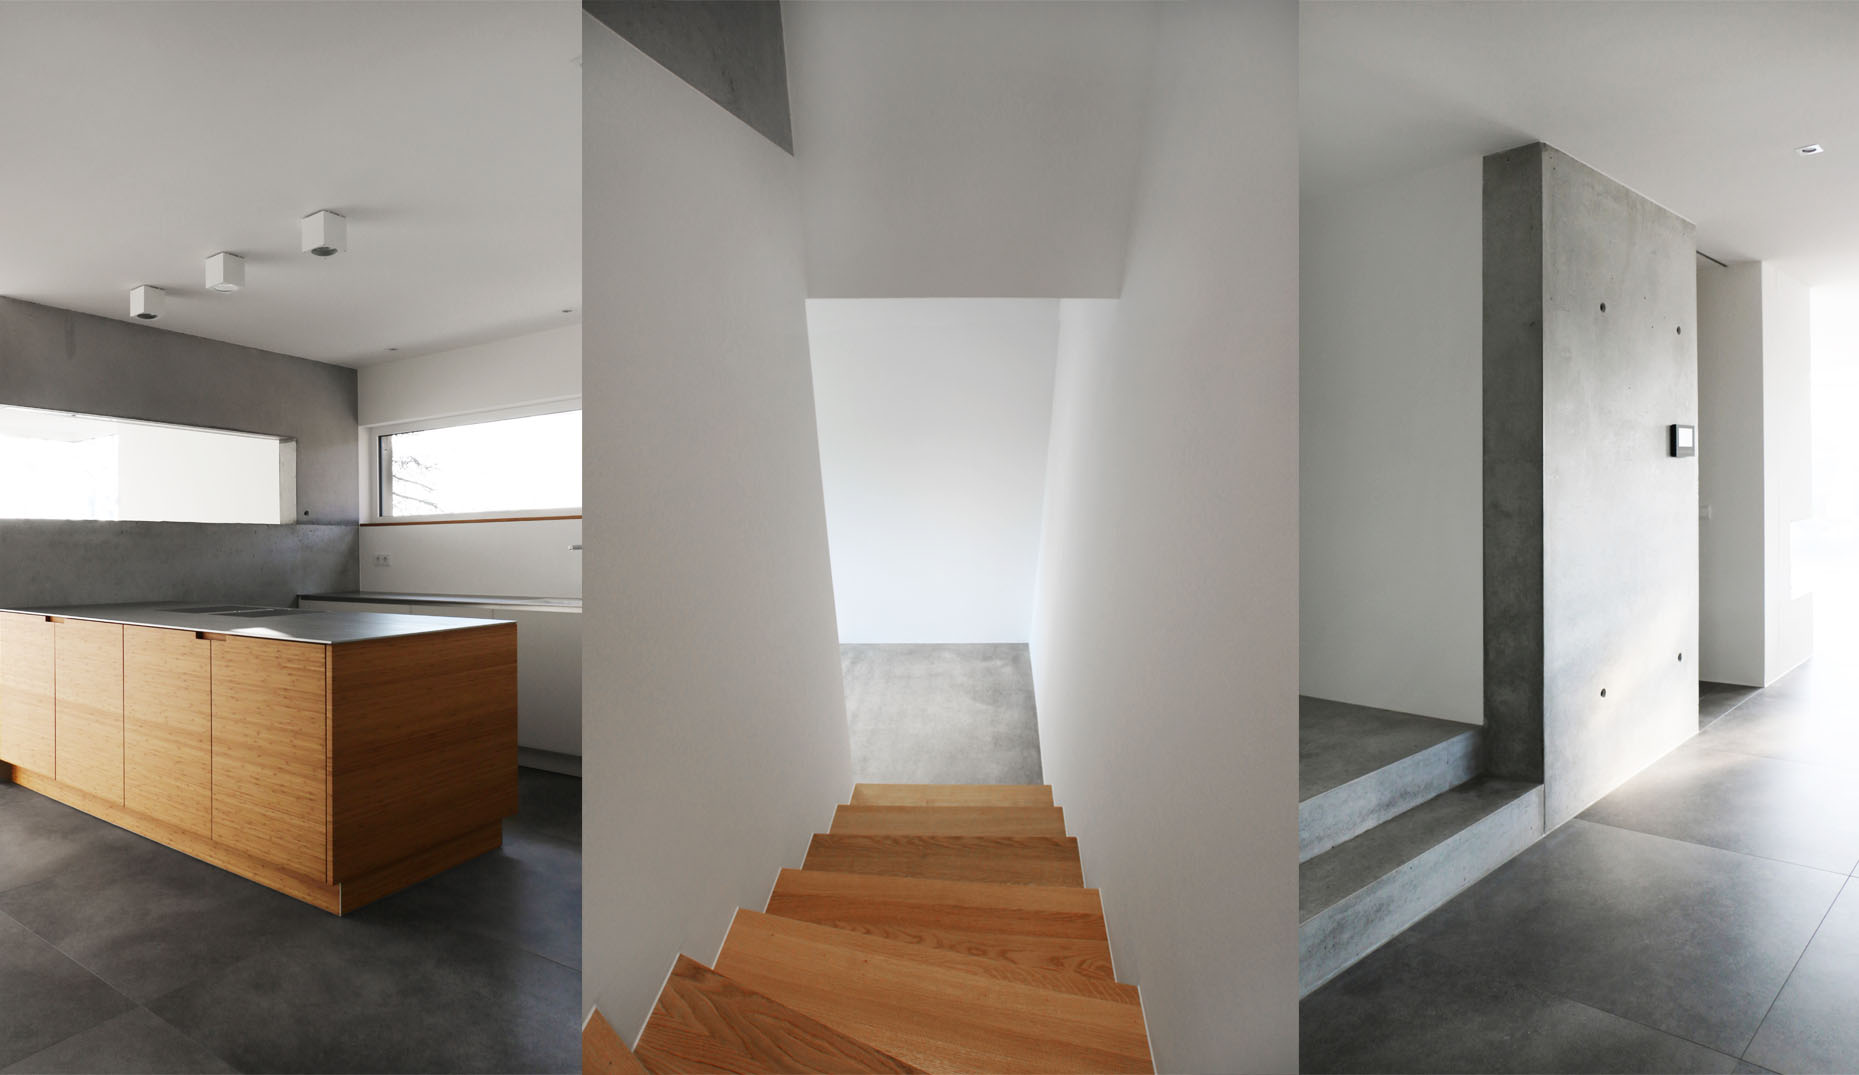 Ein Bild einer modernen Küchenzeile, einer Treppe und eines Eingangsbereichs in Betonoptik